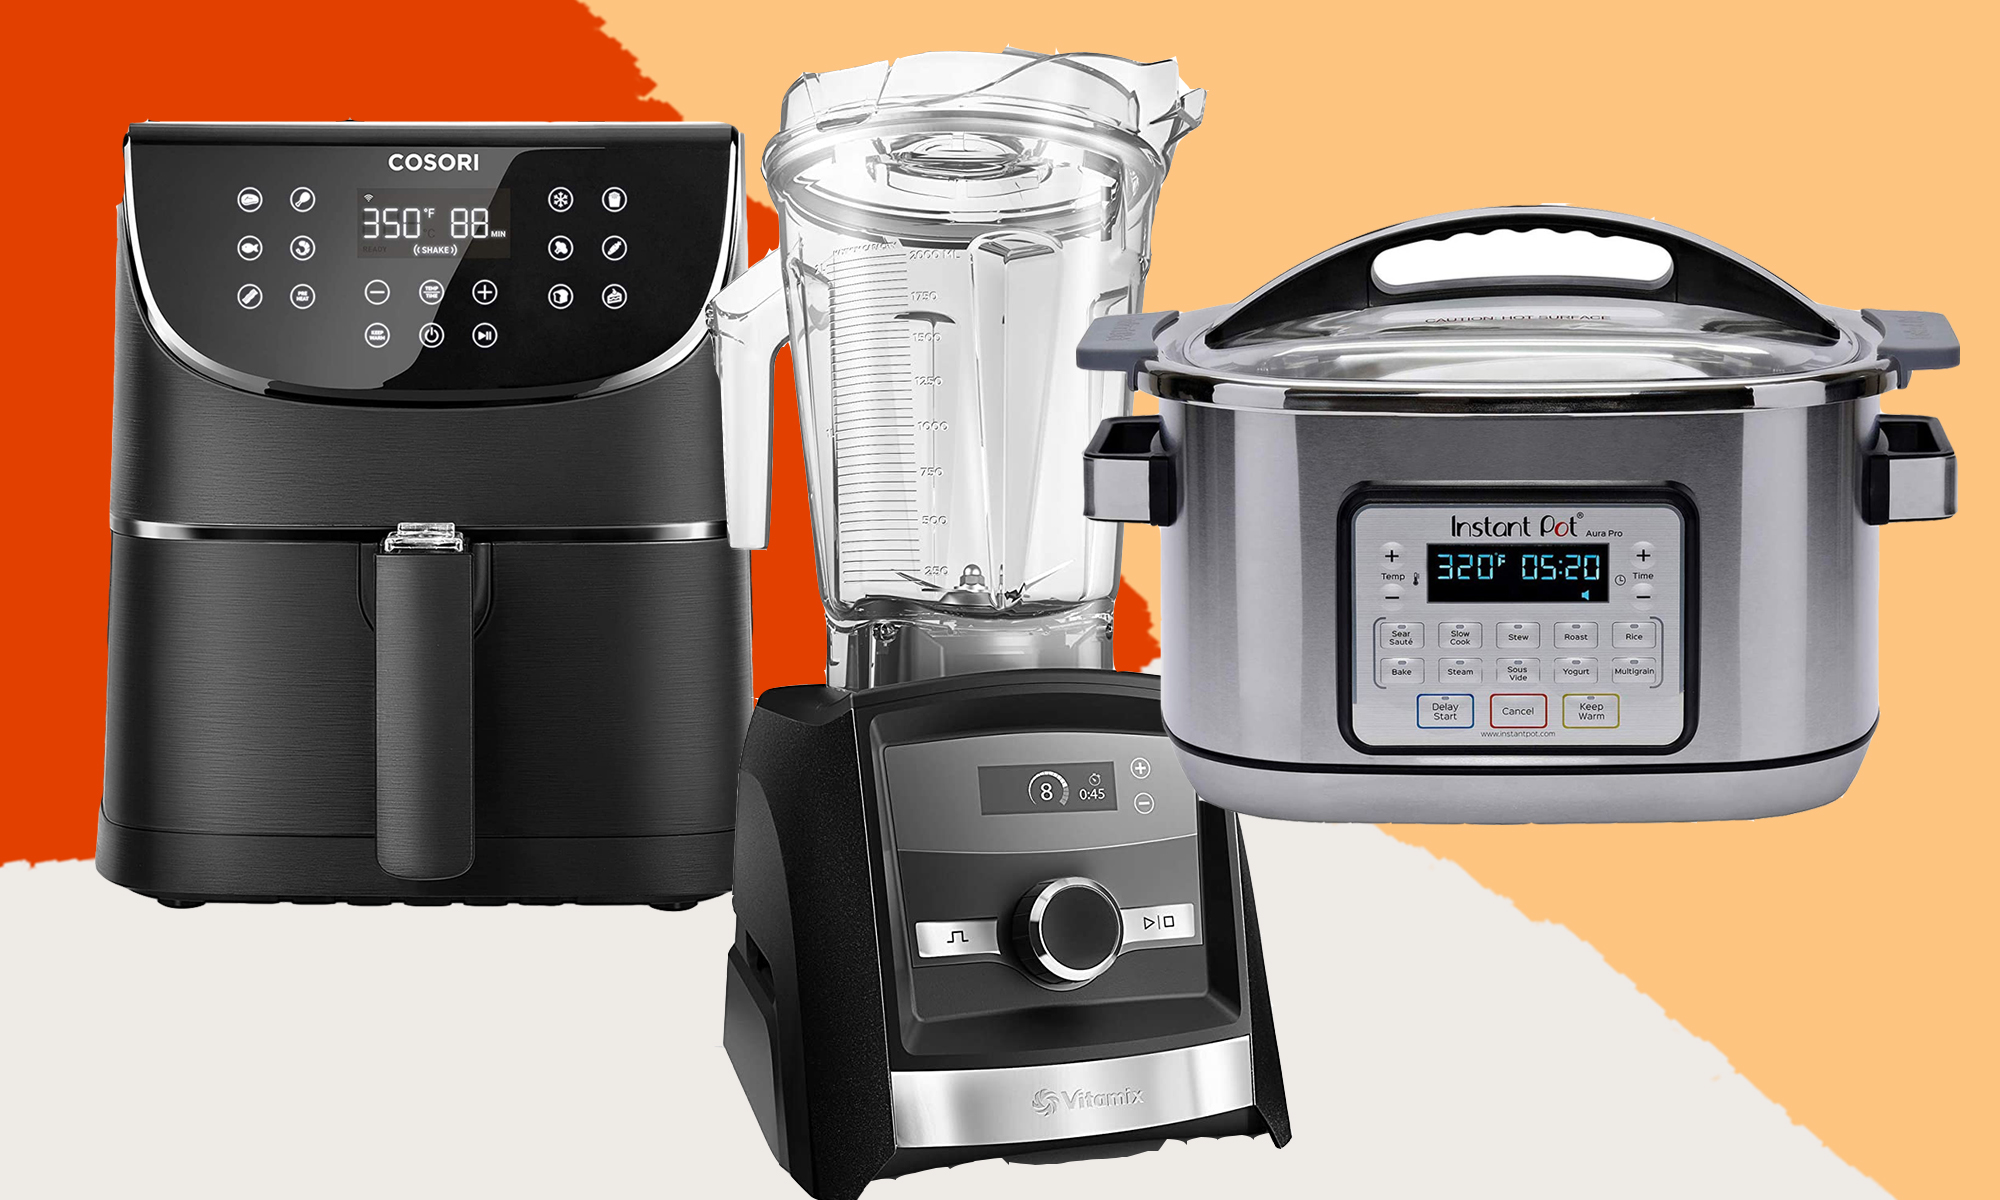 An air fryer, blender, or instant pot